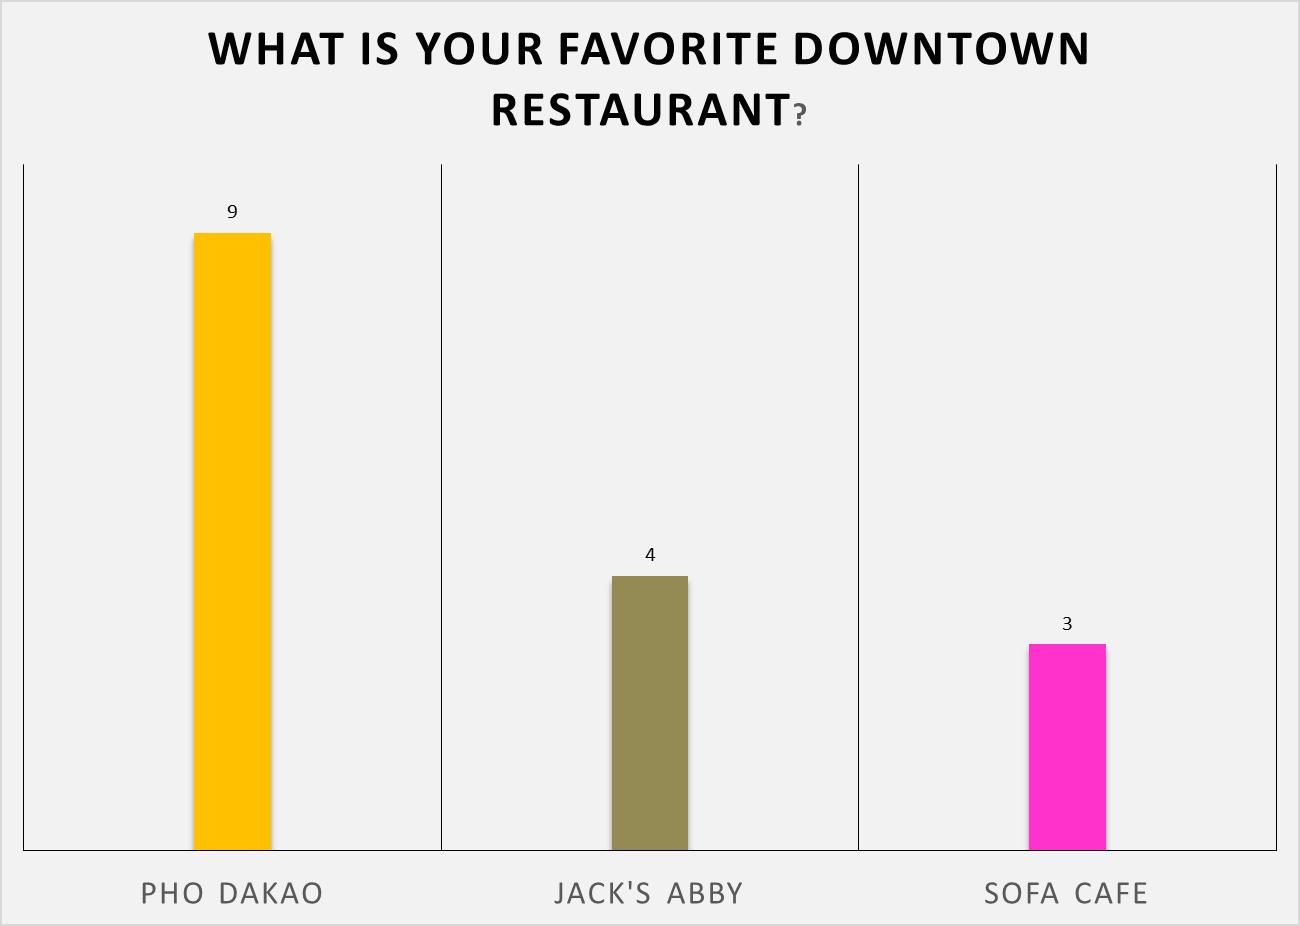 Pho Dakao 56%, Jack's Abby 25%, Sofa Cafe 19% (16 responses)